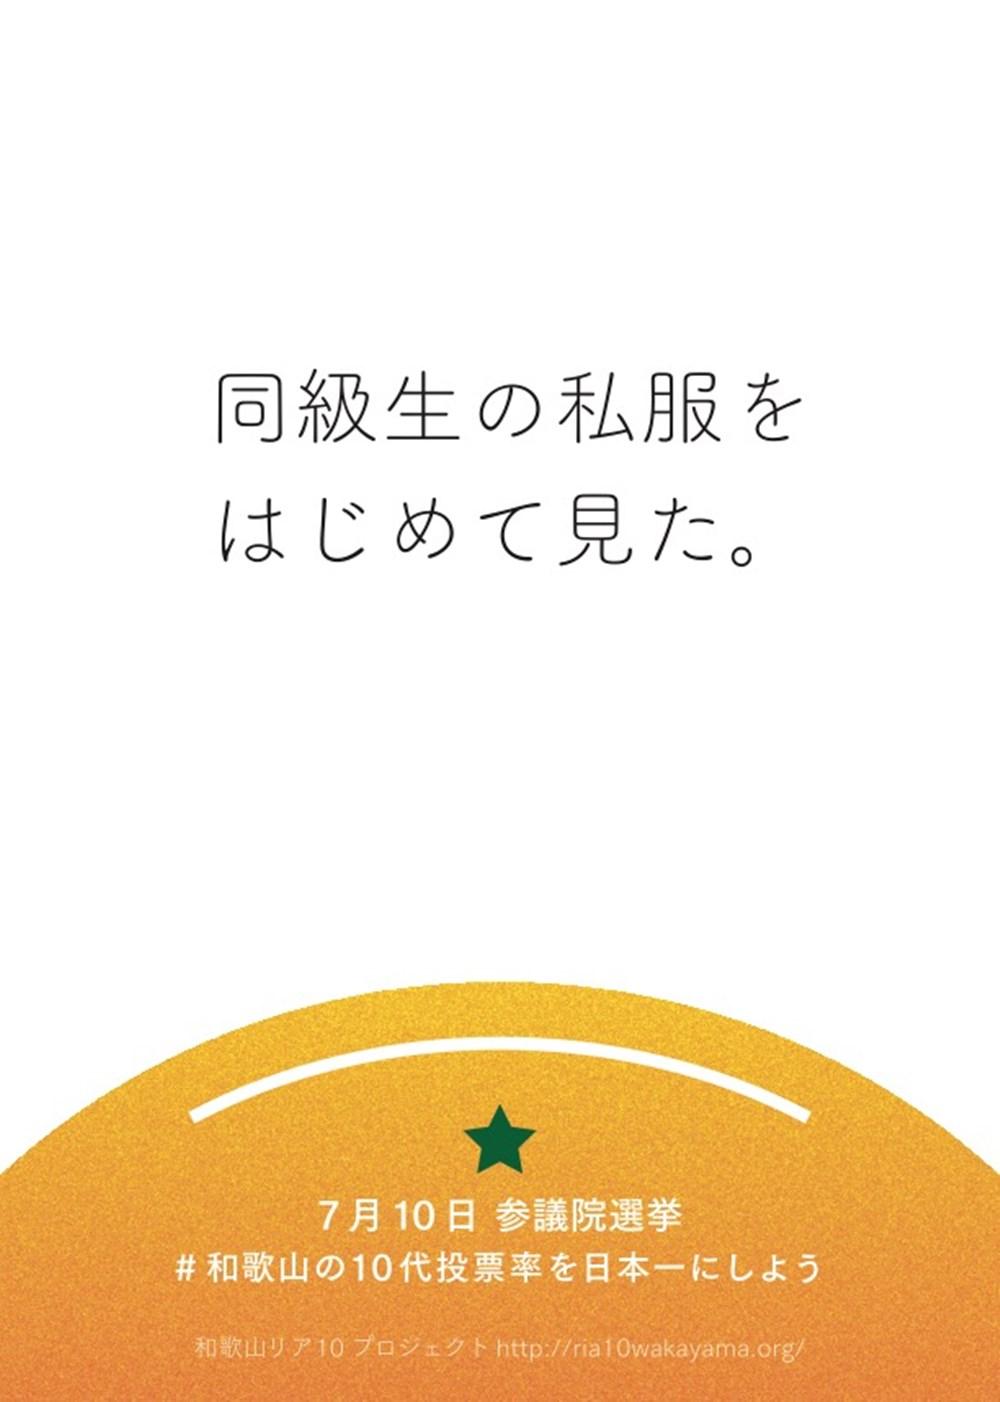 マジか和歌山! 10代の選挙意識を高めるために作ったポスターが、やりたい放題すぎる